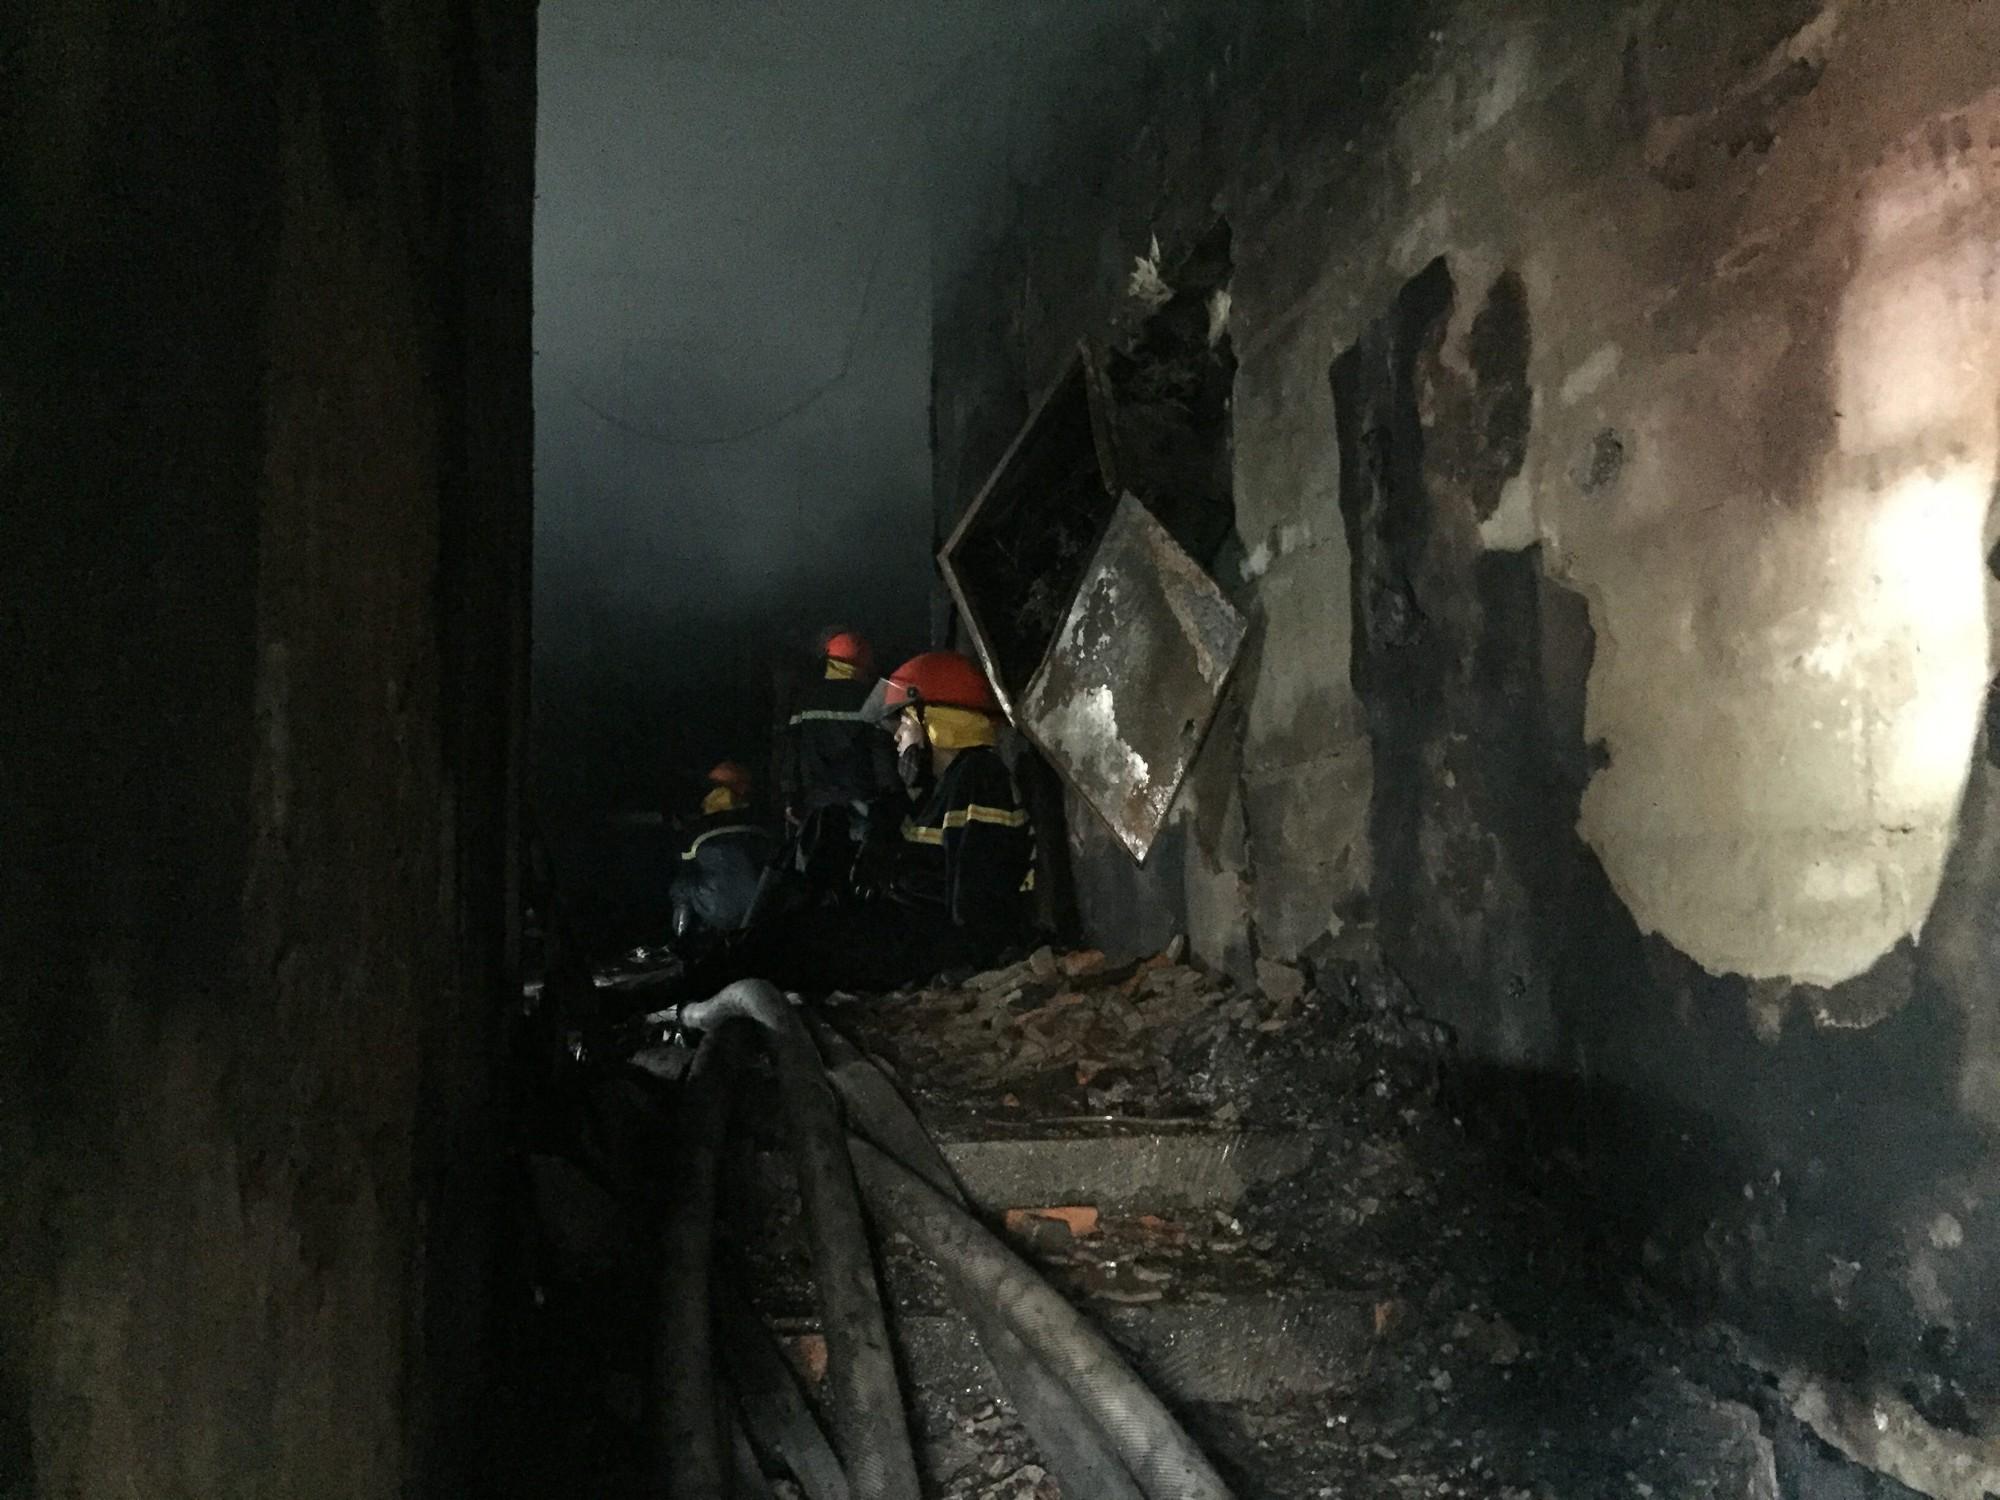 Chùm ảnh: Khung cảnh tan hoang bên trong quán karaoke Kingdom Club Hà Tĩnh sau hỏa hoạn - Ảnh 3.